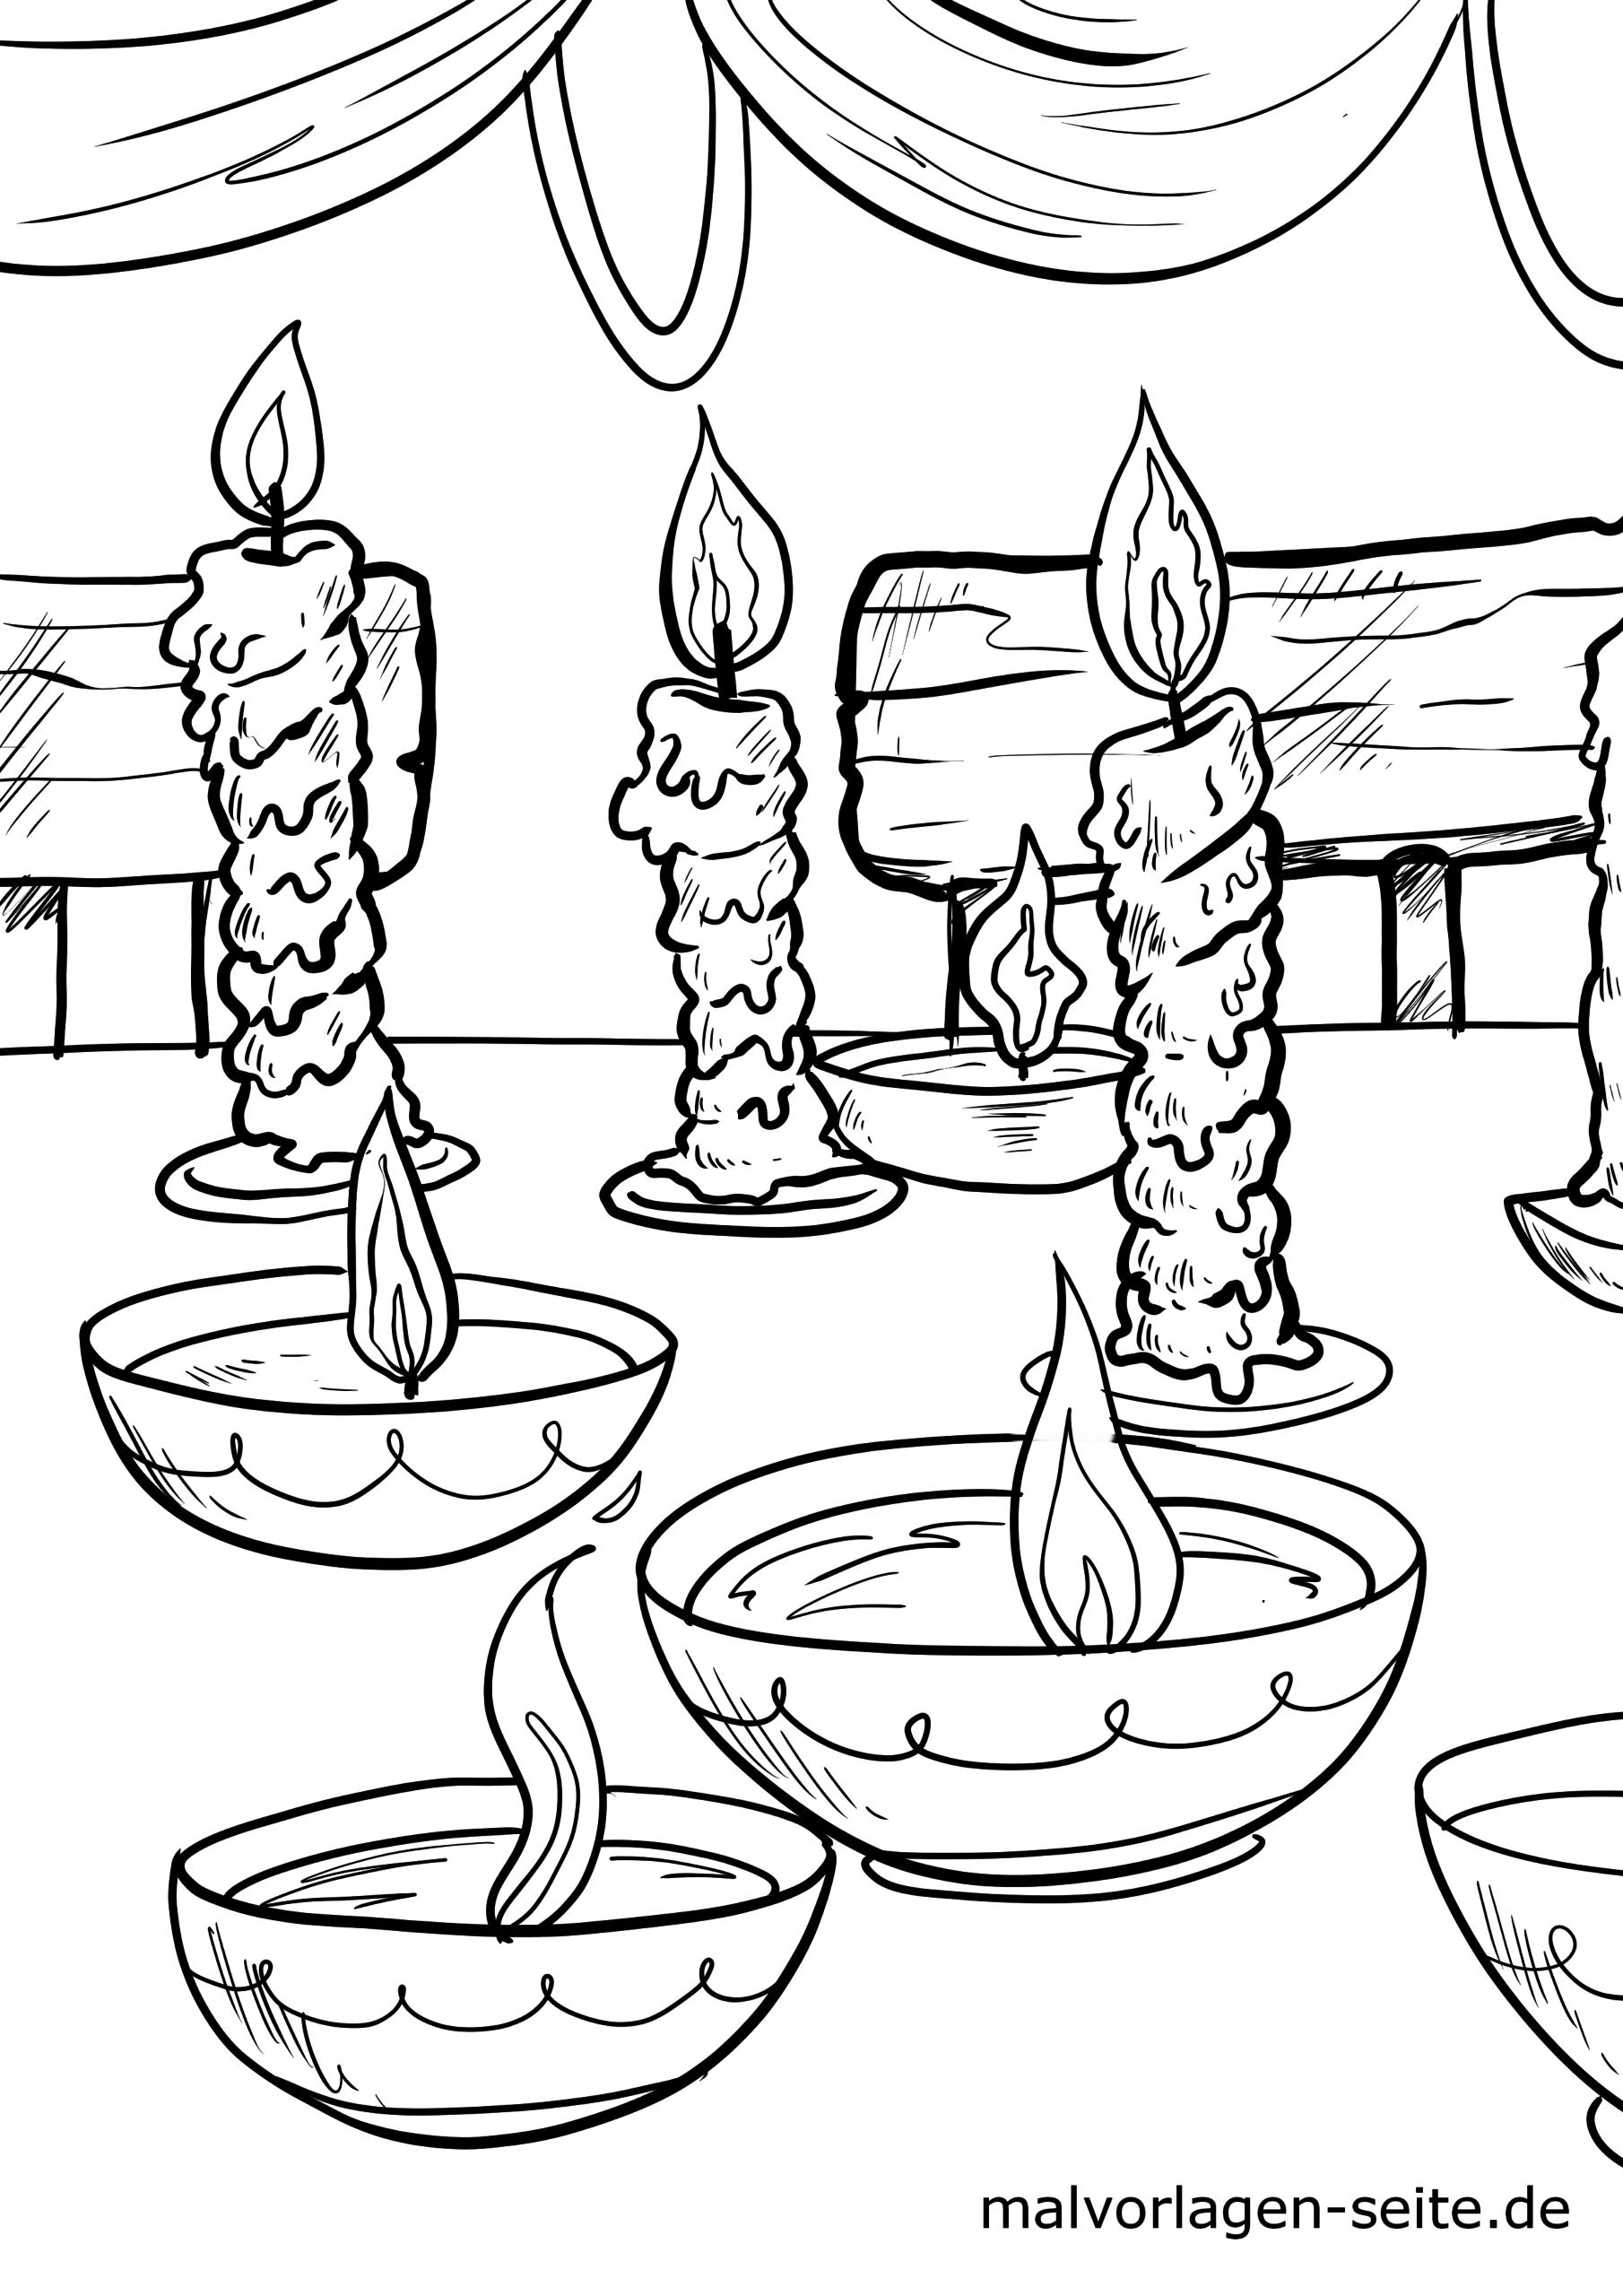 malvorlage diwali lichterfest  feiertage reisen